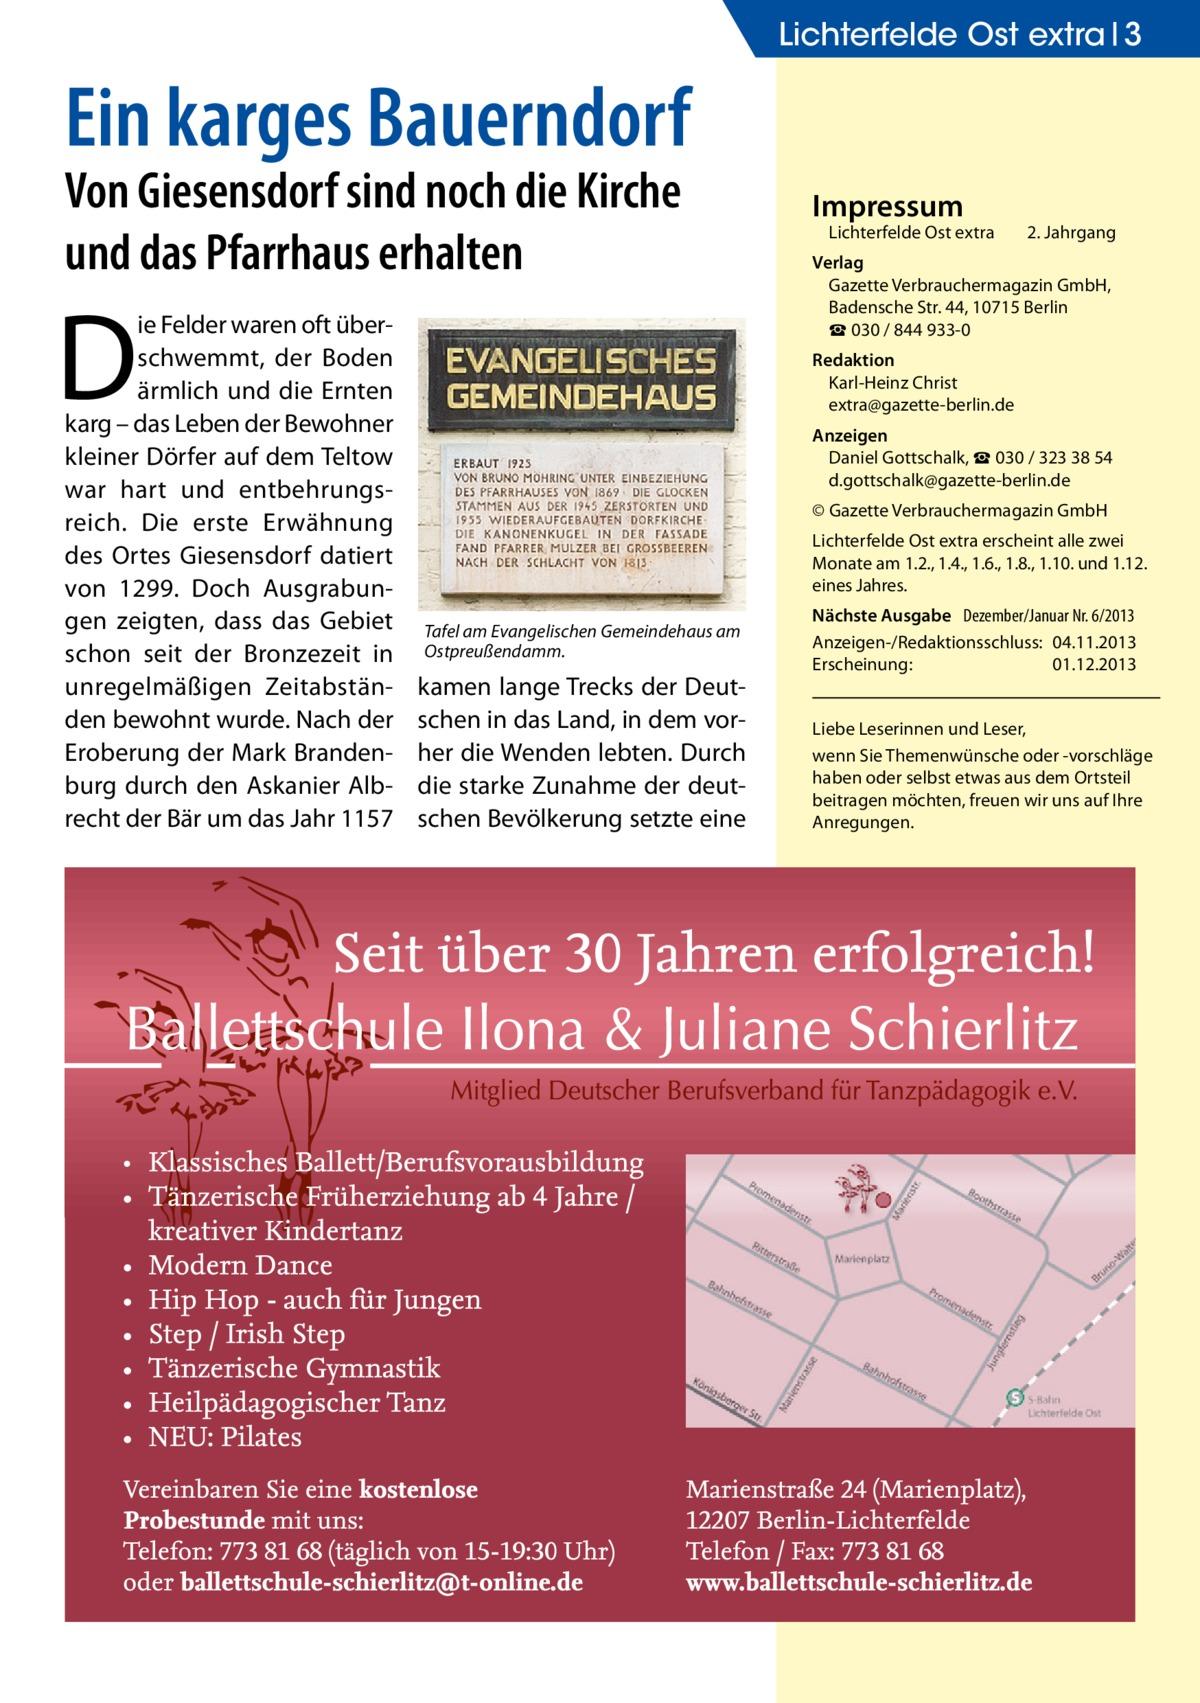 Lichterfelde Ost extra 3  Ein karges Bauerndorf Von Giesensdorf sind noch die Kirche und das Pfarrhaus erhalten  D  ie Felder waren oft überschwemmt, der Boden ärmlich und die Ernten karg – das Leben der Bewohner kleiner Dörfer auf dem Teltow war hart und entbehrungsreich. Die erste Erwähnung des Ortes Giesensdorf datiert von 1299. Doch Ausgrabungen zeigten, dass das Gebiet schon seit der Bronzezeit in unregelmäßigen Zeitabständen bewohnt wurde. Nach der Eroberung der Mark Brandenburg durch den Askanier Albrecht der Bär um das Jahr 1157  Impressum  Lichterfelde Ost extra  2. Jahrgang  Verlag Gazette Verbrauchermagazin GmbH, BadenscheStr.44, 10715 Berlin ☎ 030 / 844 933-0 Redaktion Karl-Heinz Christ extra@gazette-berlin.de Anzeigen Daniel Gottschalk, ☎ 030 / 323 38 54 d.gottschalk@gazette-berlin.de © Gazette Verbrauchermagazin GmbH Lichterfelde Ost extra erscheint alle zwei Monate am 1.2., 1.4., 1.6., 1.8., 1.10. und 1.12. eines Jahres.  Tafel am Evangelischen Gemeindehaus am Ostpreußendamm.  kamen lange Trecks der Deutschen in das Land, in dem vorher die Wenden lebten. Durch die starke Zunahme der deutschen Bevölkerung setzte eine  Nächste Ausgabe Dezember/Januar Nr. 6/2013 Anzeigen-/Redaktionsschluss:04.11.2013 Erscheinung:01.12.2013 Liebe Leserinnen und Leser, wenn Sie Themenwünsche oder -vorschläge haben oder selbst etwas aus dem Ortsteil beitragen möchten, freuen wir uns auf Ihre Anregungen.